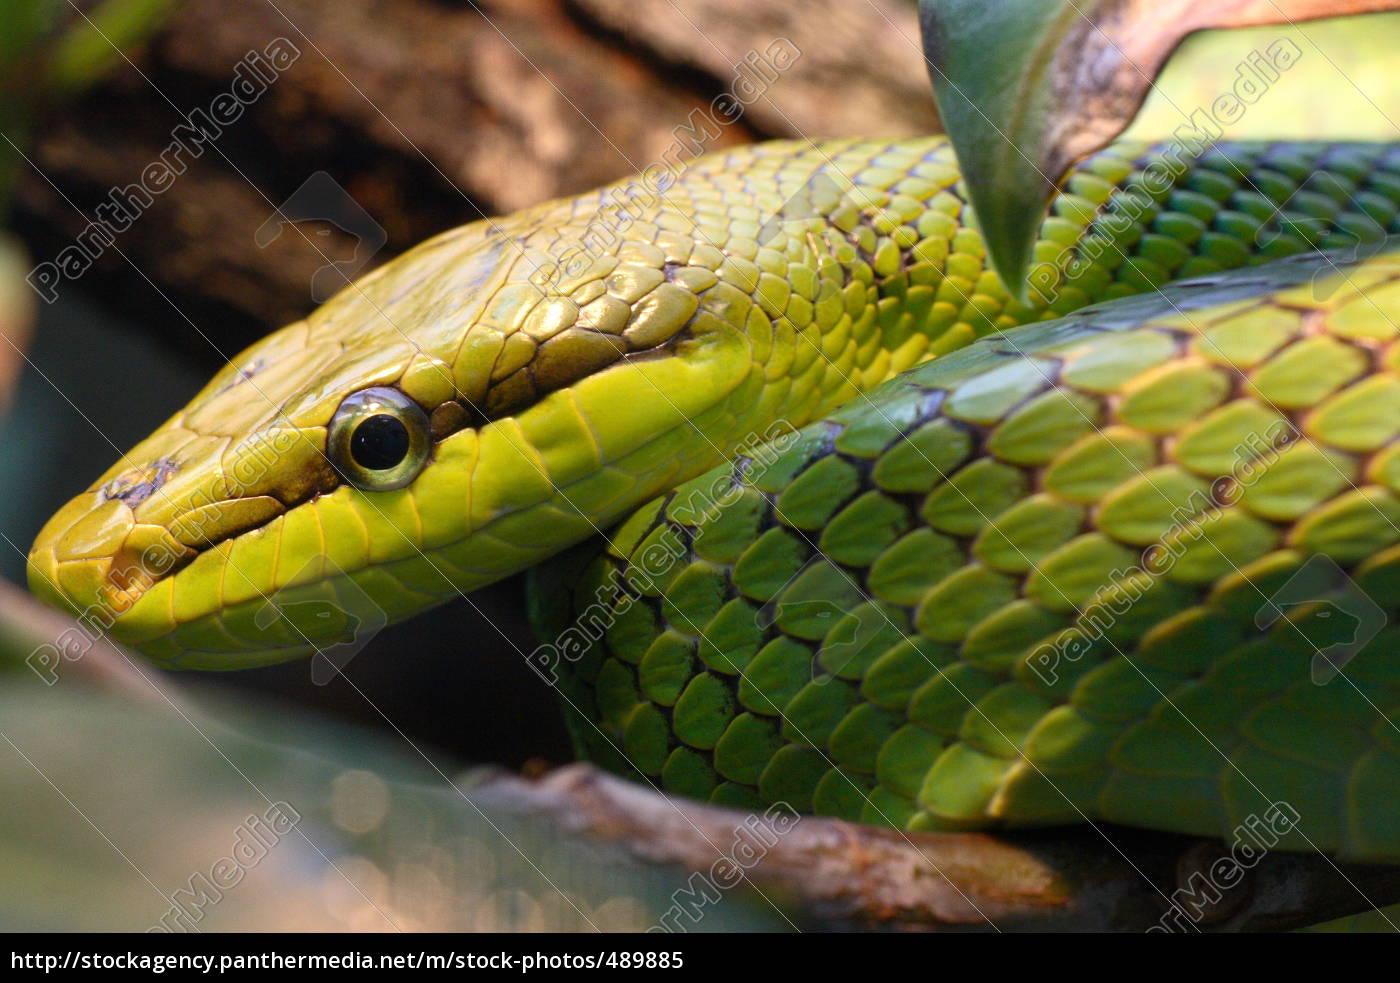 snake - 489885